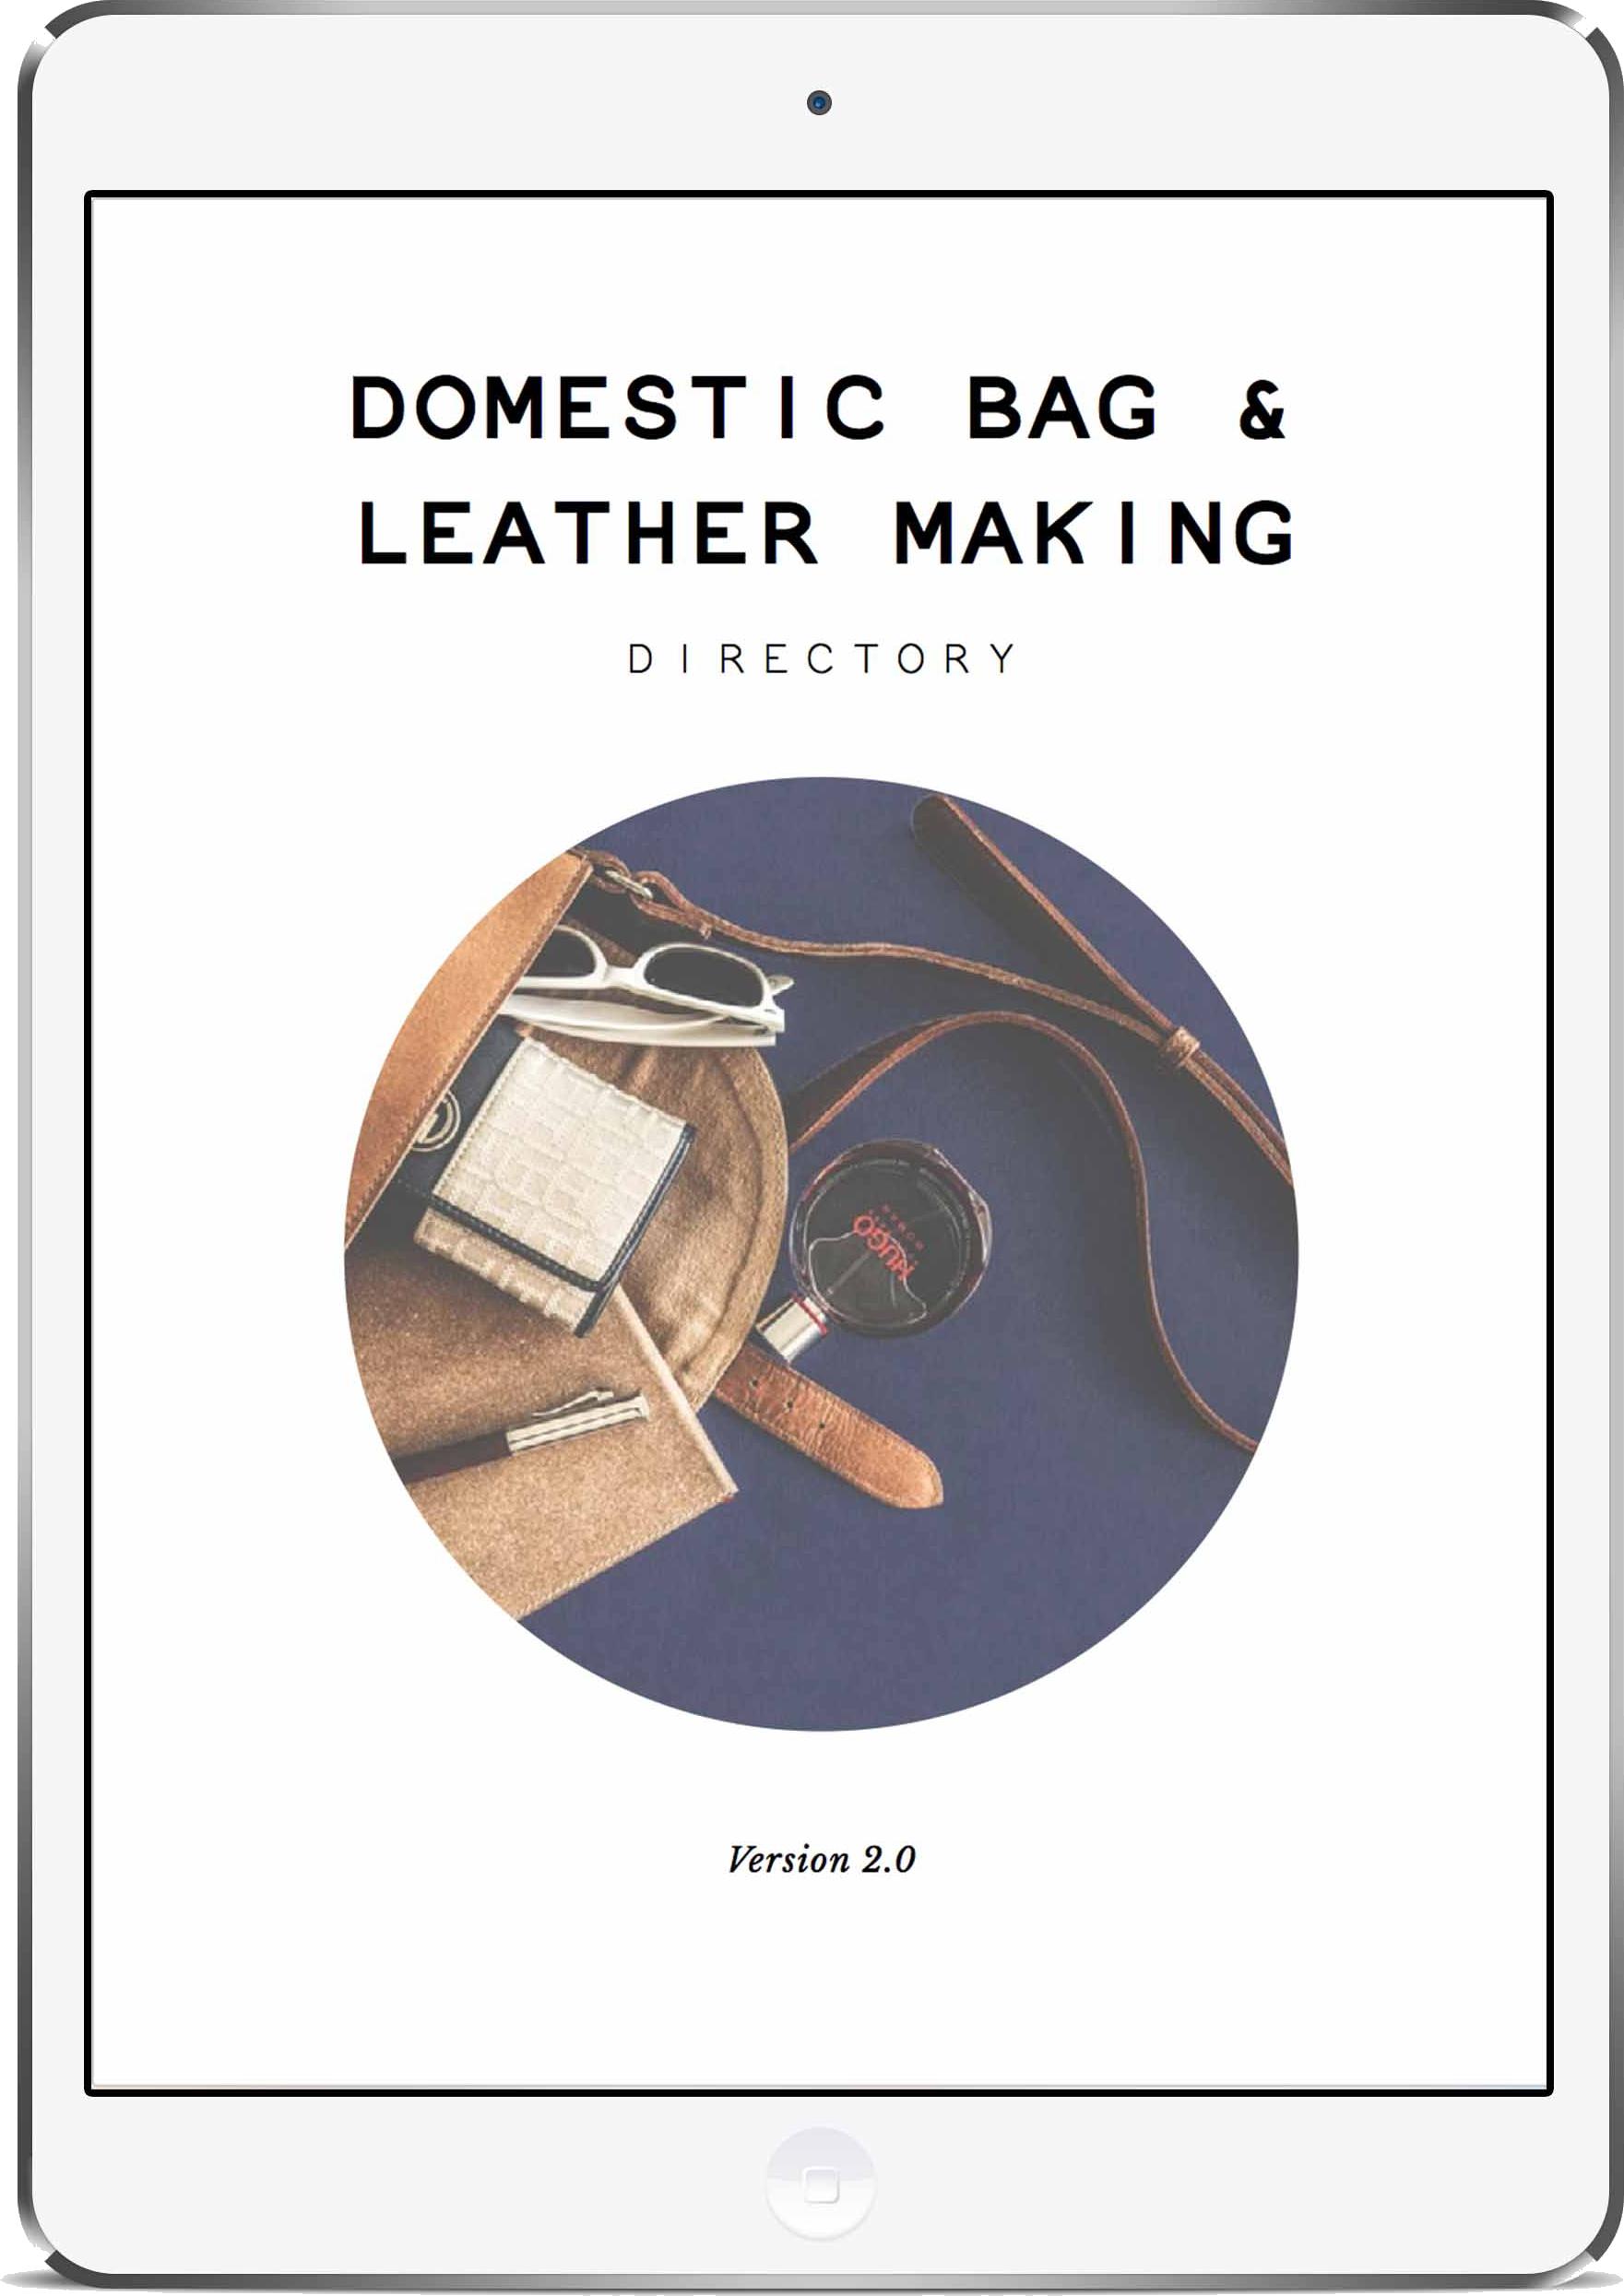 HandbagDirectoryV2.png